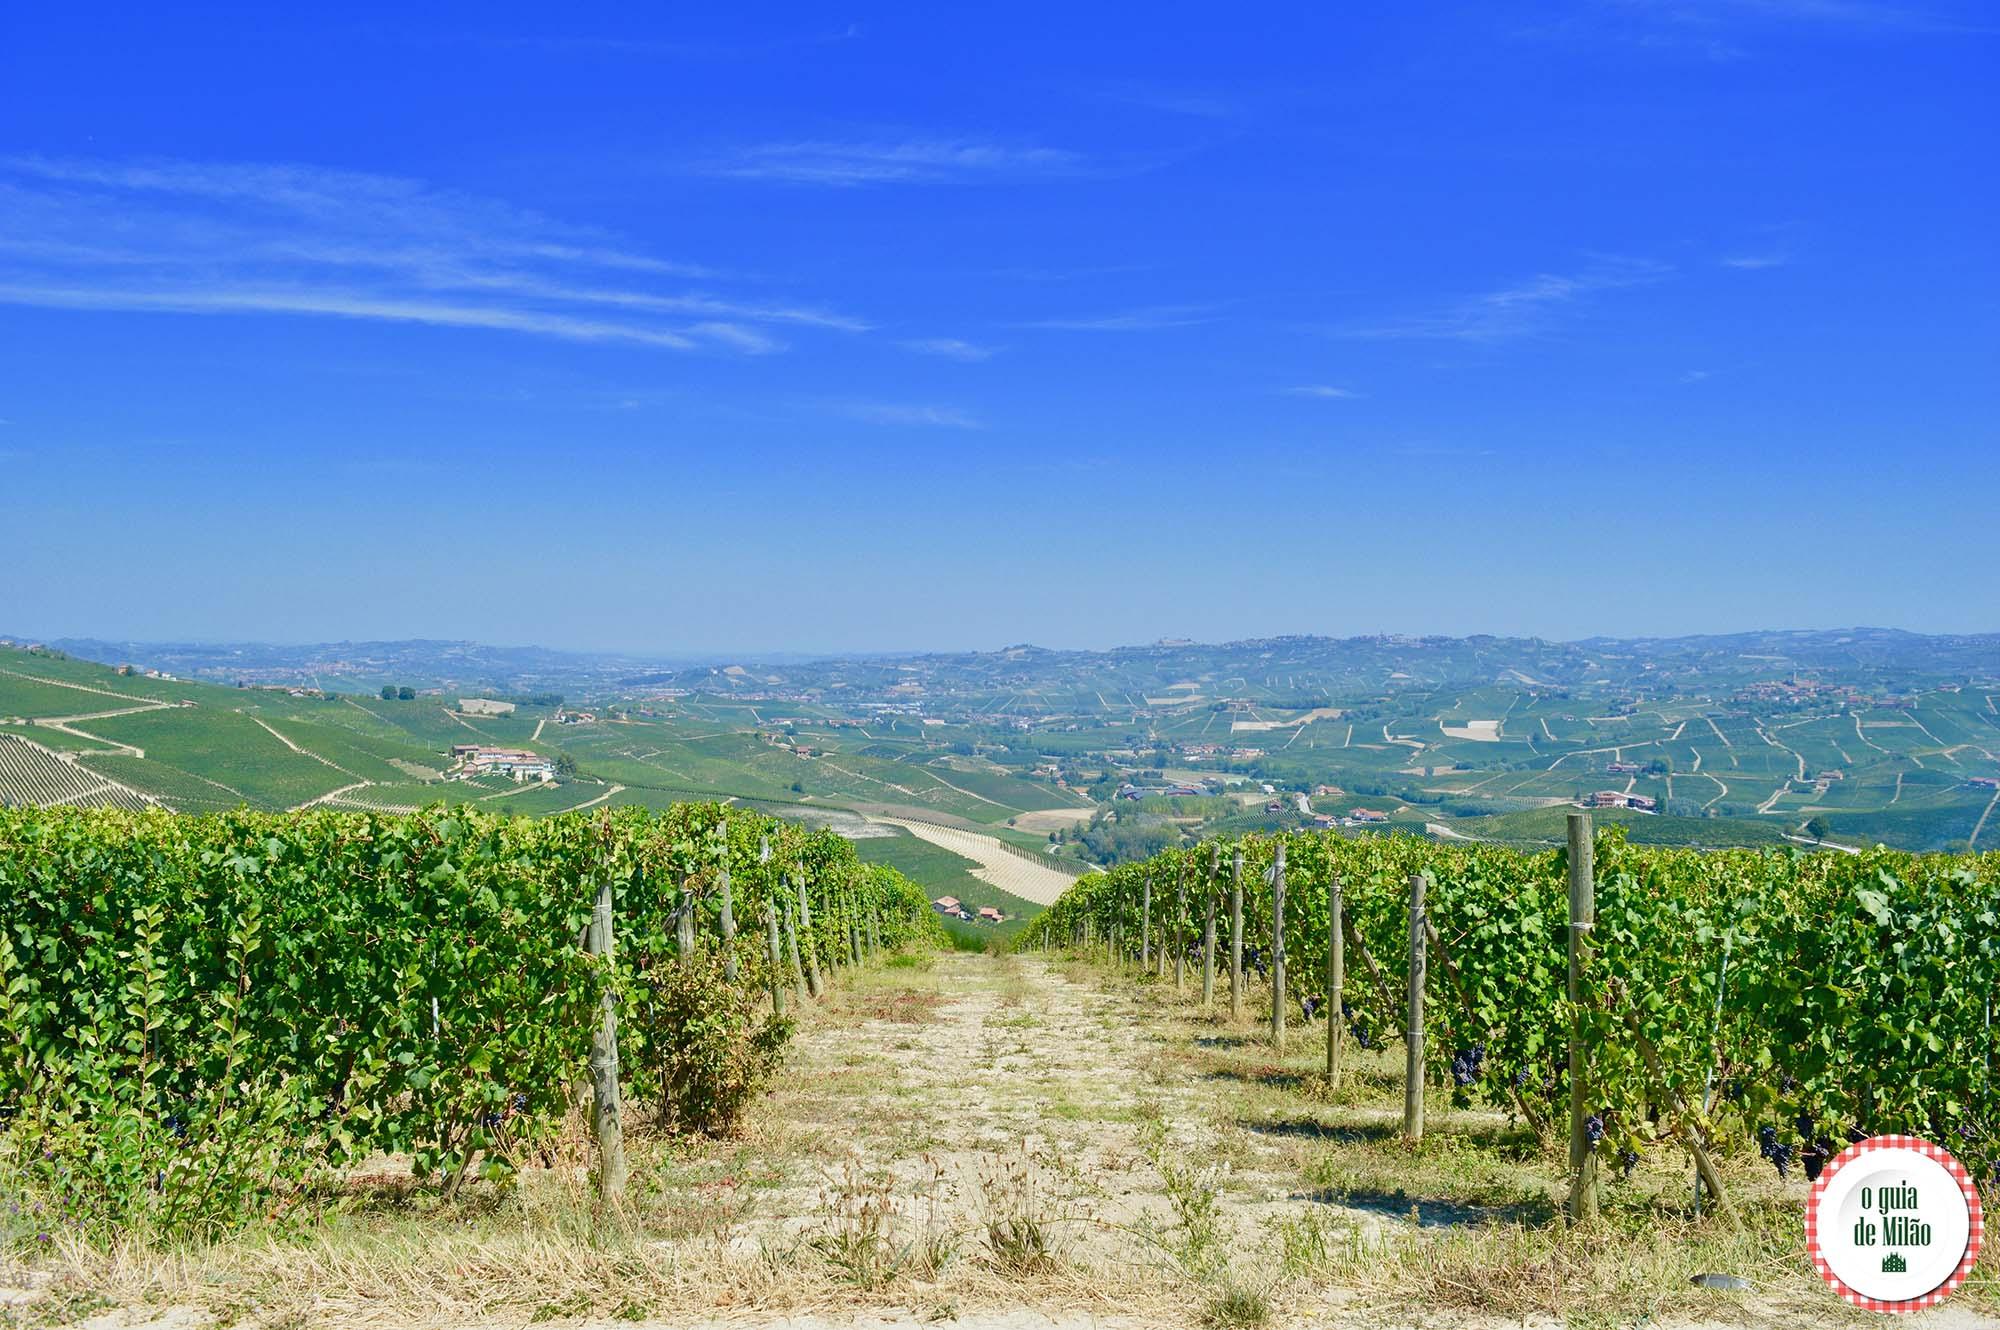 Asti e Barolo Itália: excelentes vinhos, rica gastronomia e paisagens deslumbrantes